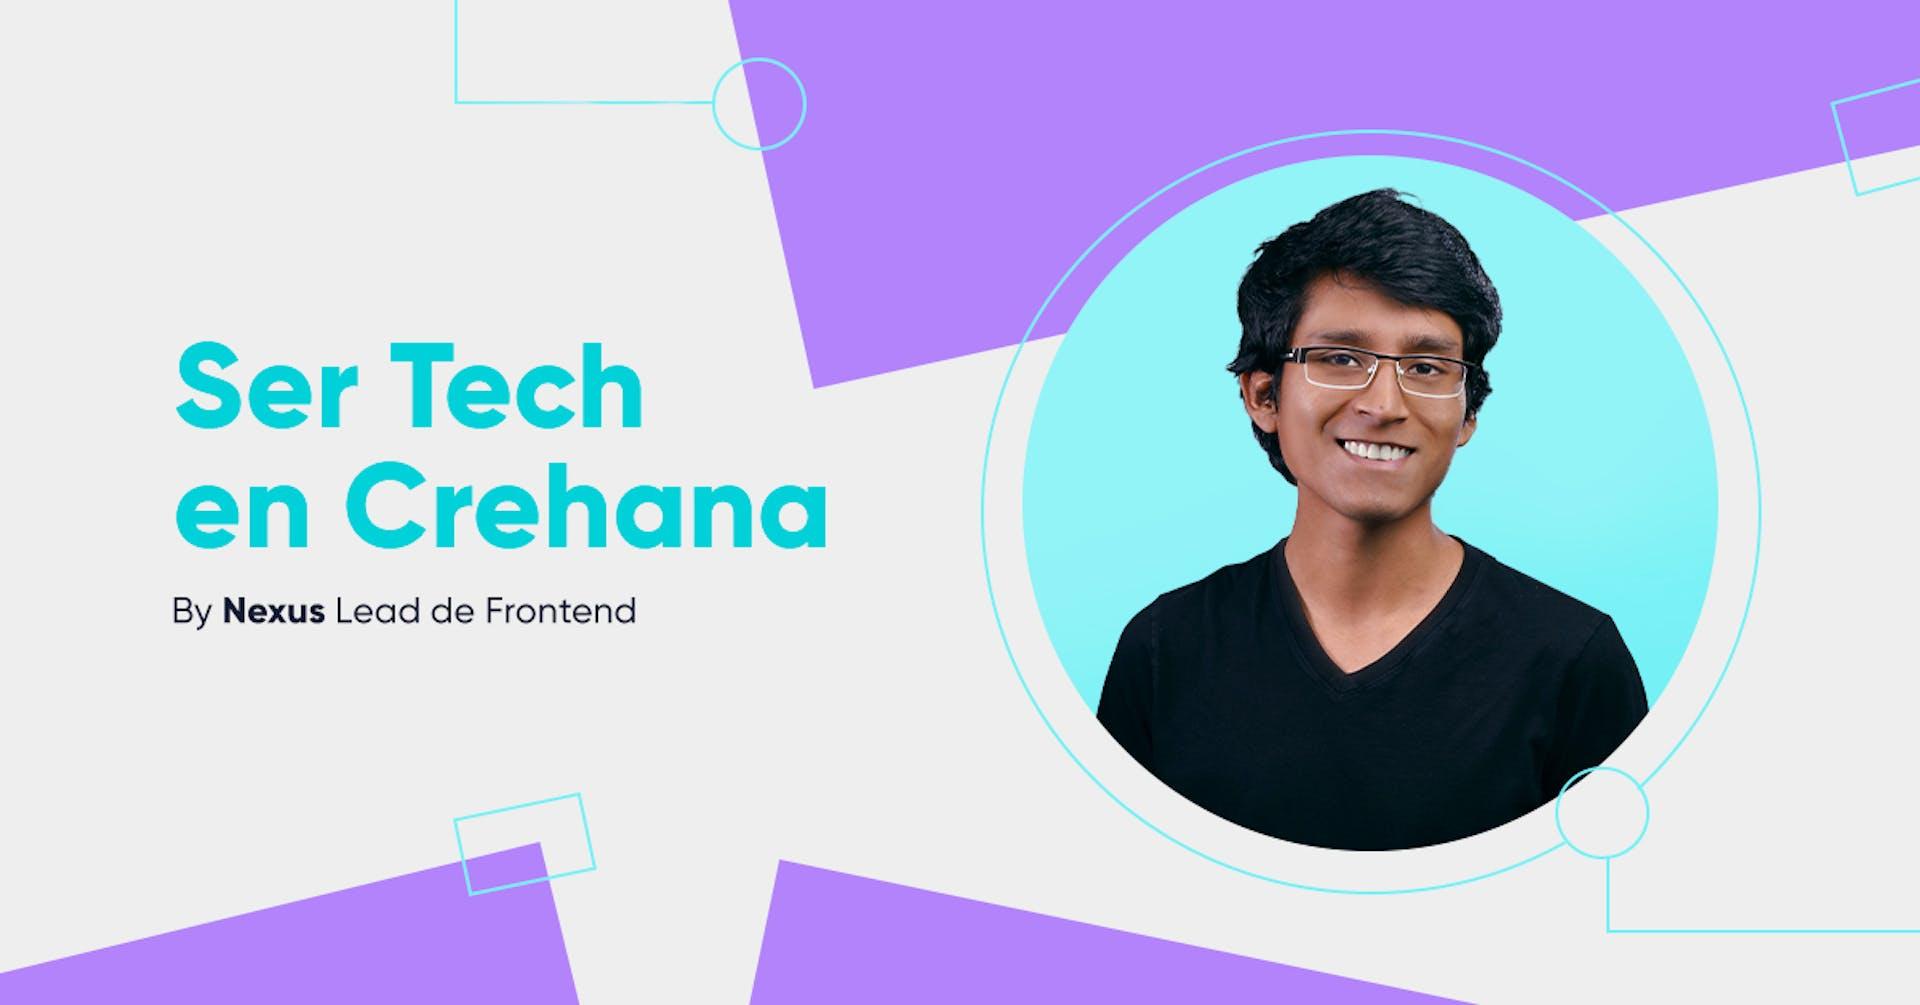 Ser Tech en Crehana: ¡Falla!, pero aprende rápido